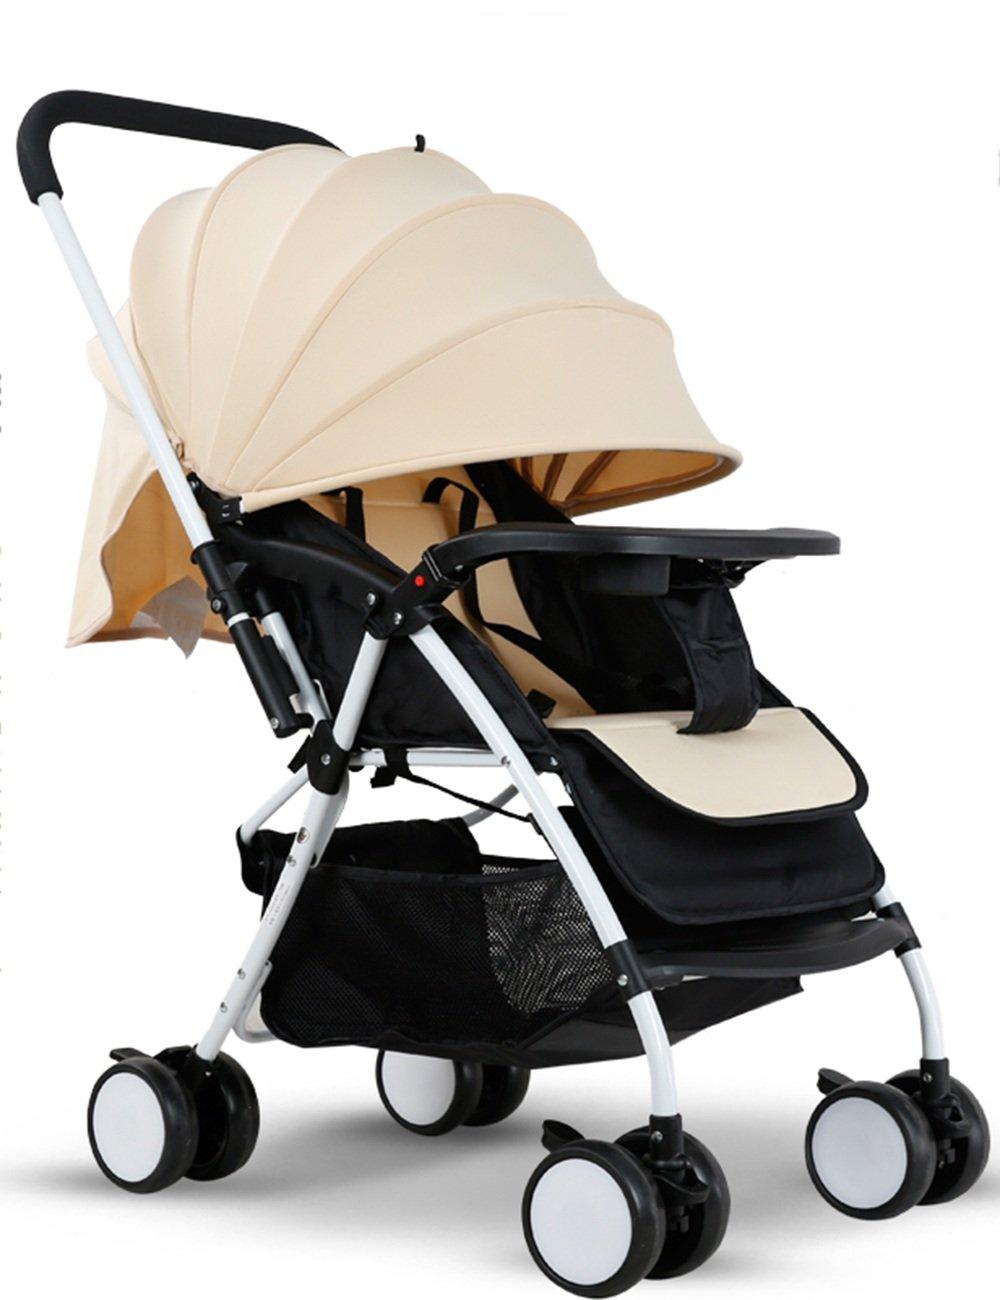 LVZAIXI 新しい赤ちゃんの子供のPRAM CARRY RAIN COVER Fits ( 色 : ベージュ ) B07C787BKR ベージュ ベージュ